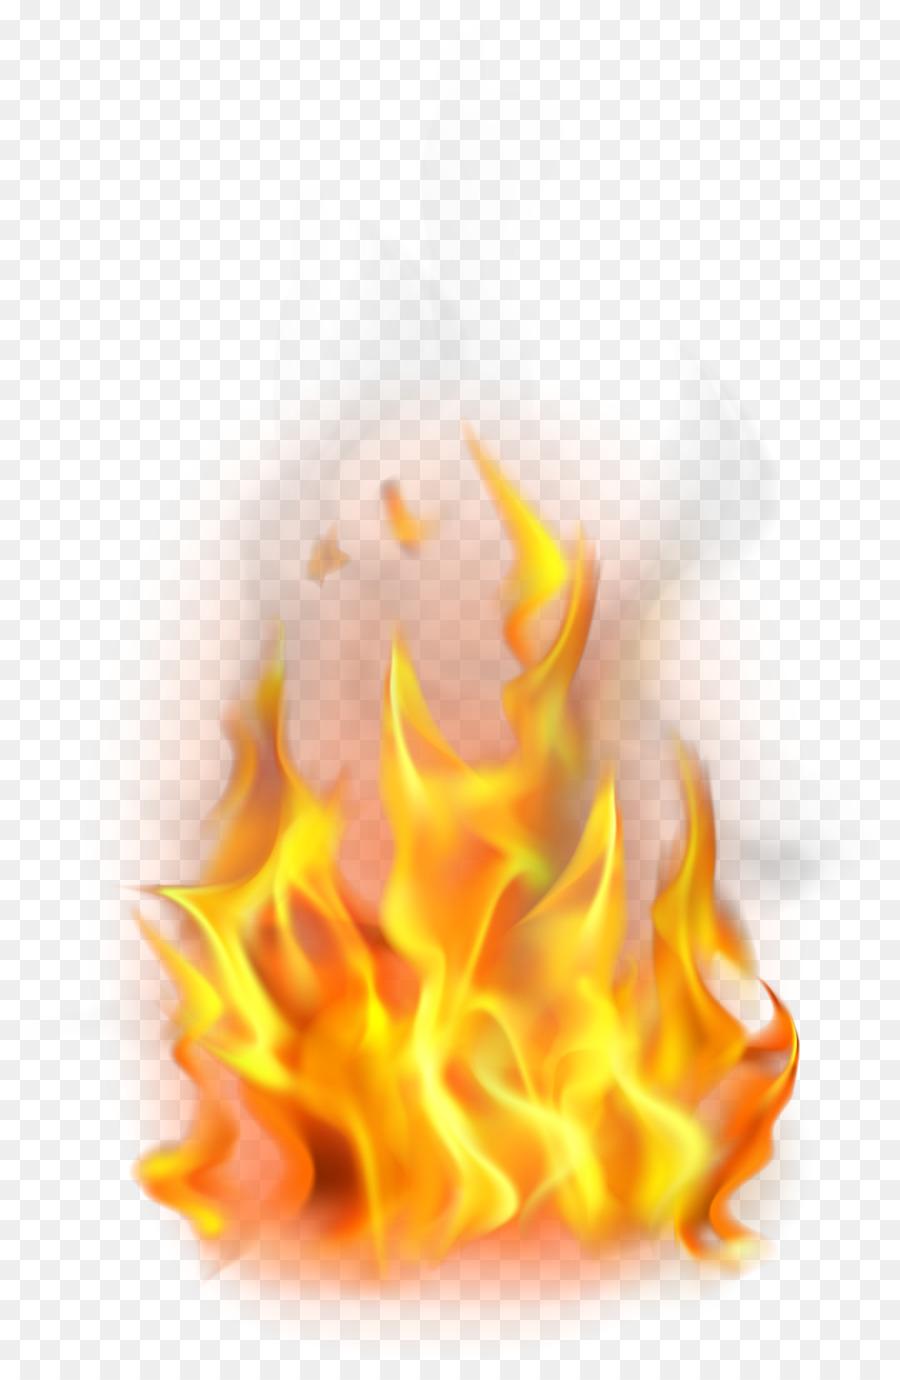 обоями картинки пламени без фона находится стадии доработки